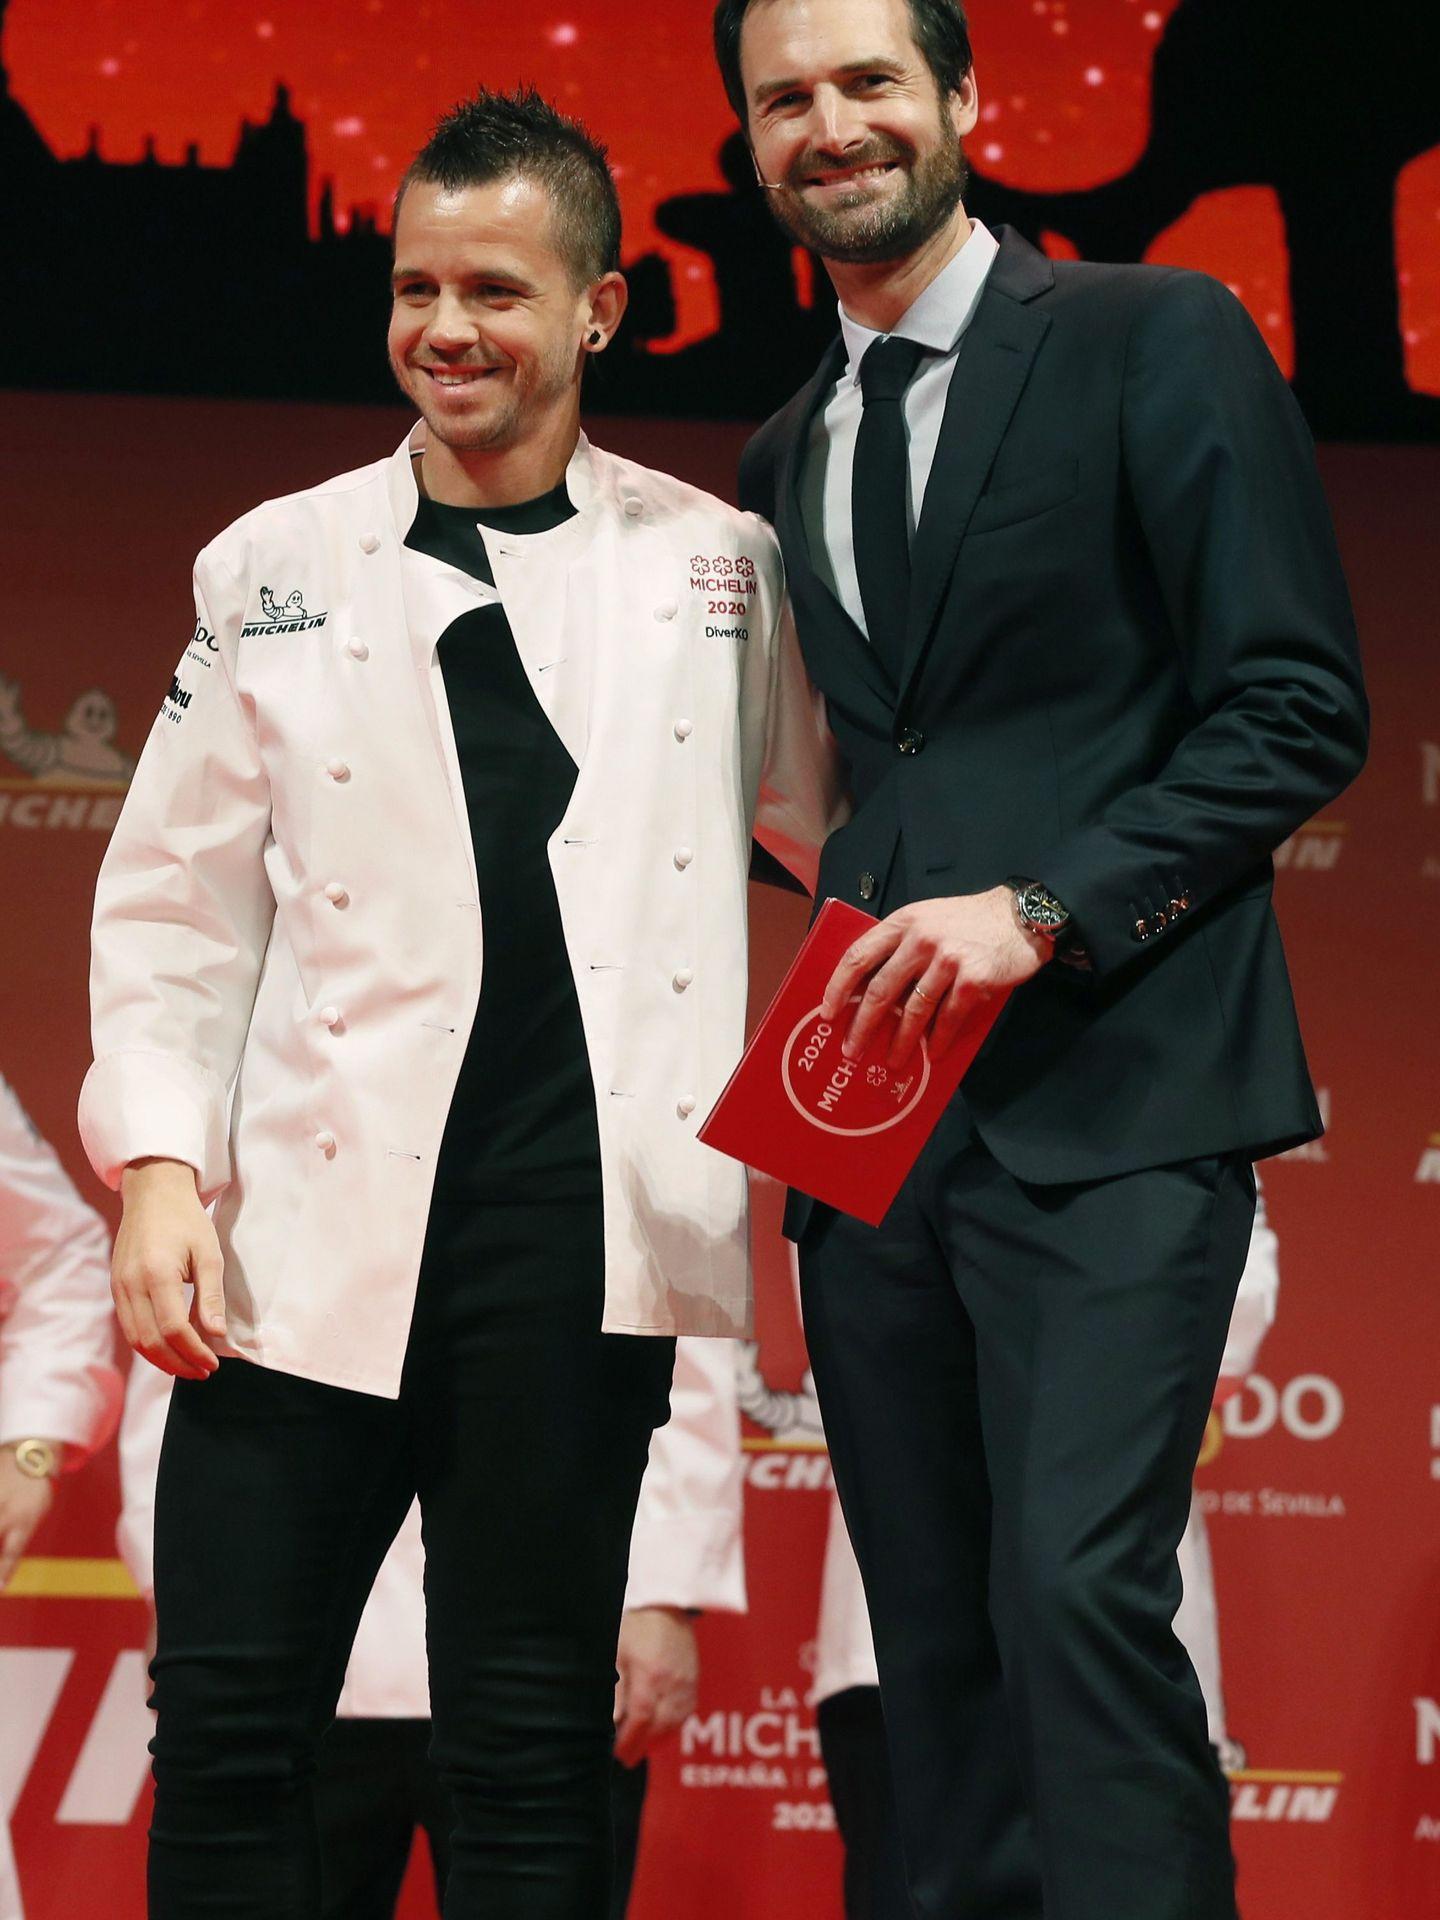 Dabiz Muñoz renovó sus tres estrellas Michelin en 2020. (EFE)